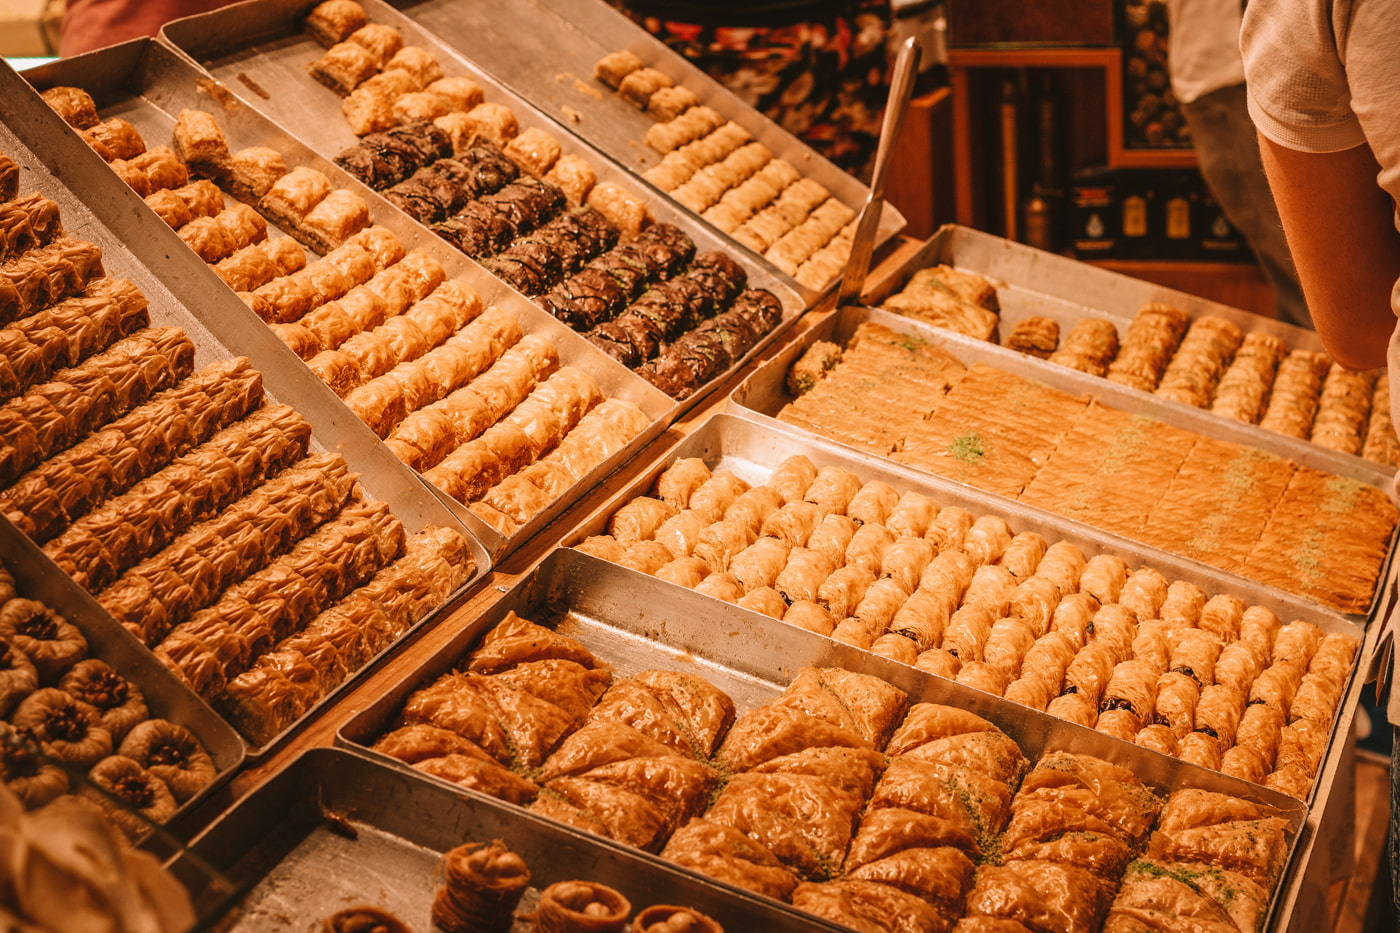 Baklava varieties